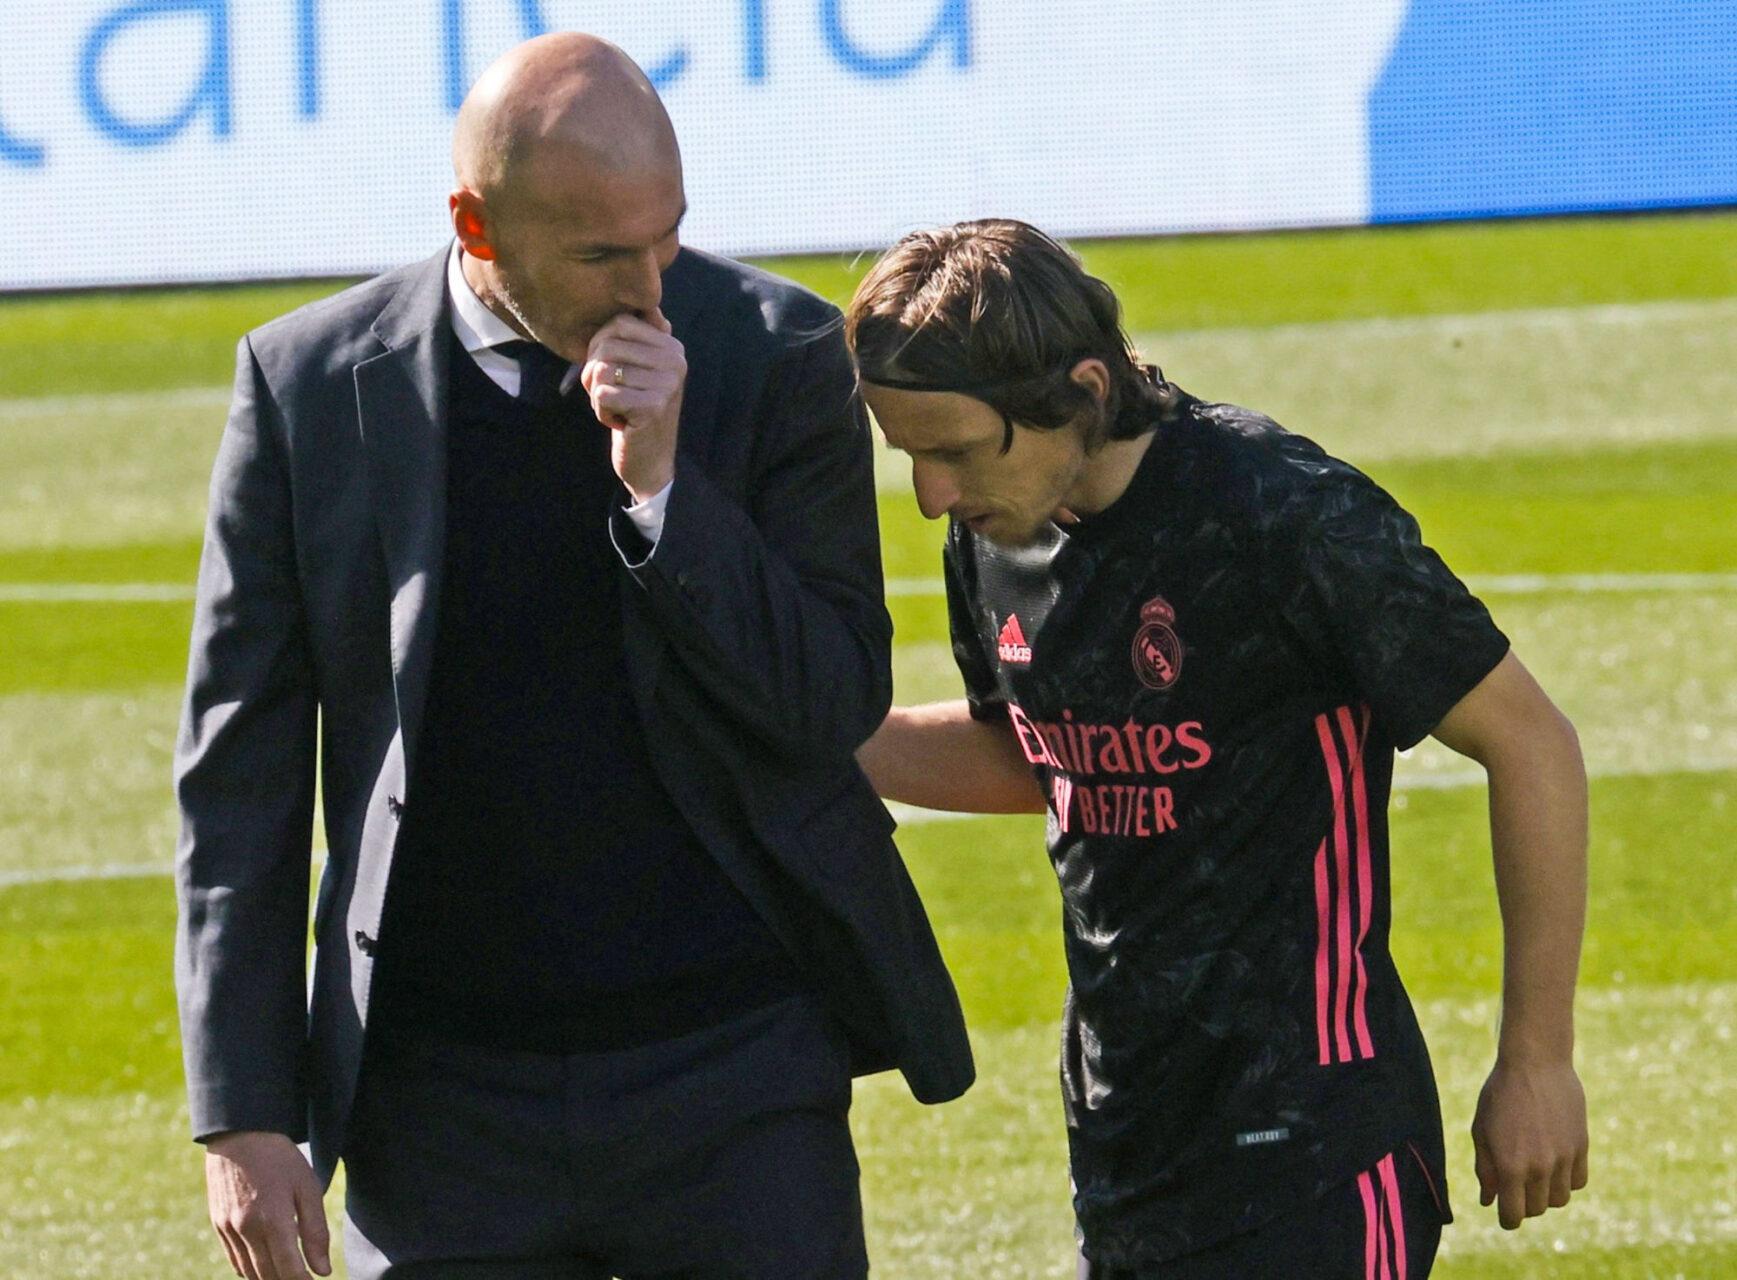 Zinédine Zidane aurait annoncé son départ du Real Madrid à ses joueurs. Icon Sport